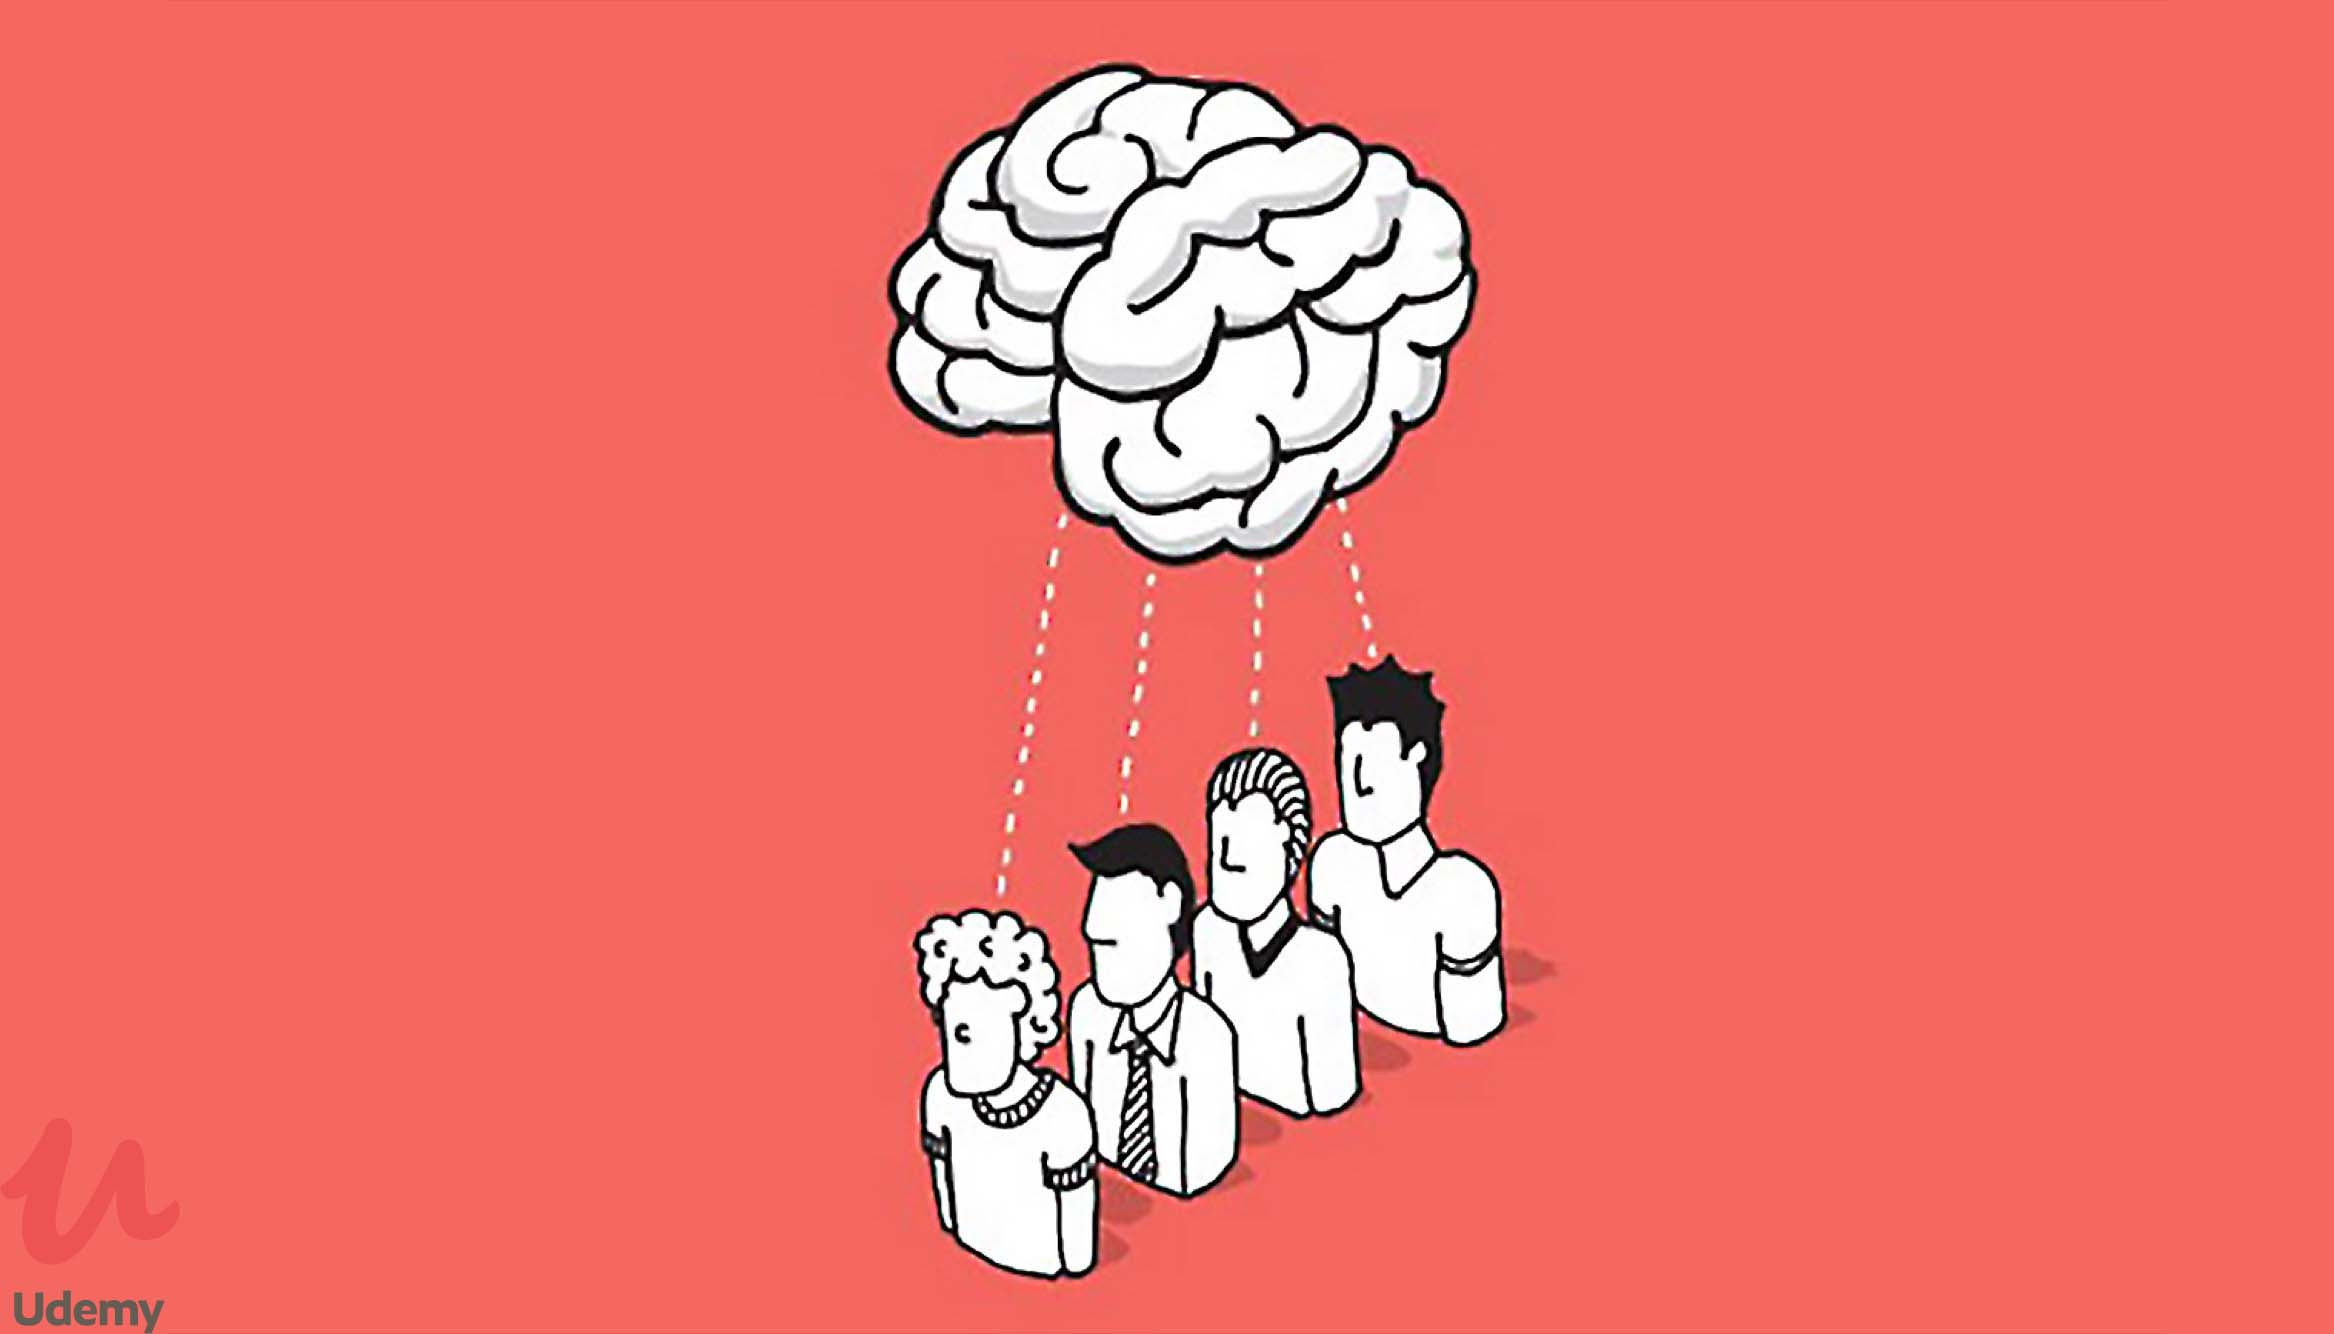 Khoá Học Online Miễn Phí Về Kỹ Năng Thuyết Phục 'Persuasion Skills -  Basics' Từ Udemy - YBOX